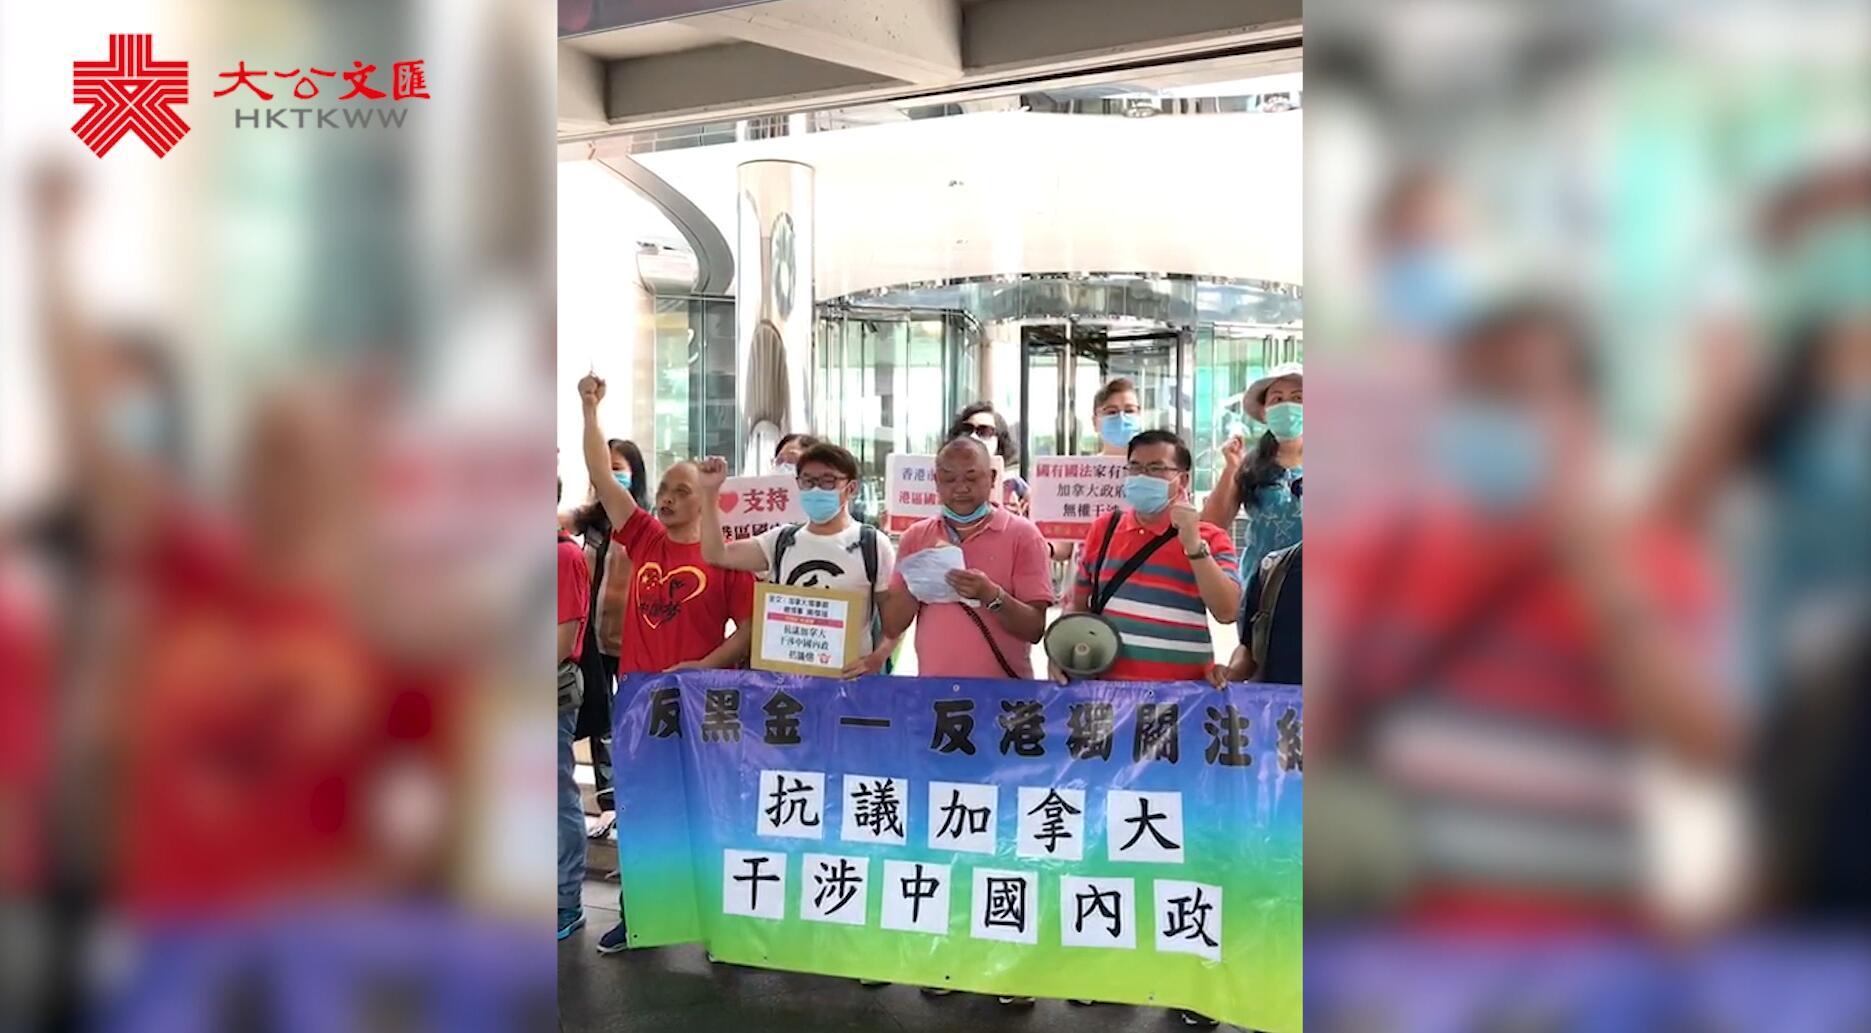 反黑金反港獨關注組抗議加拿大干涉中國內政